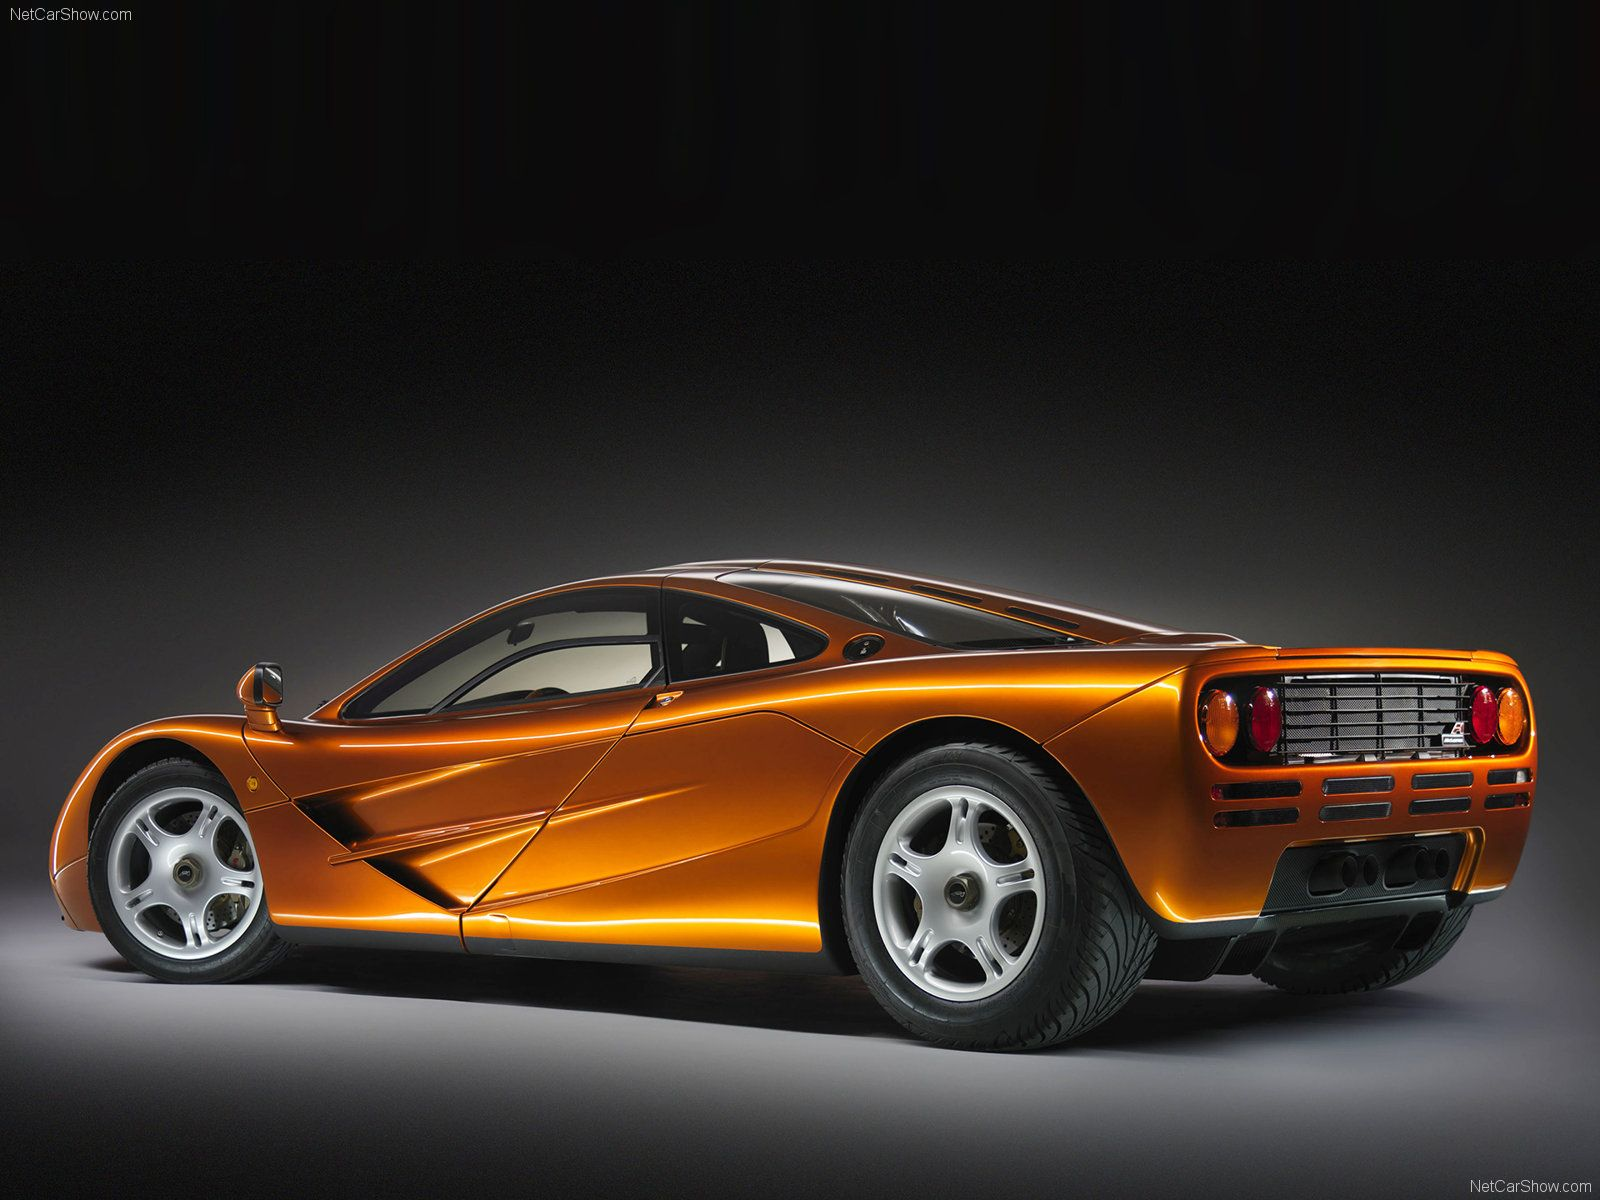 McLaren F1 el superdeportivo mas rápido y mas caro del mundo ~ Blog ...